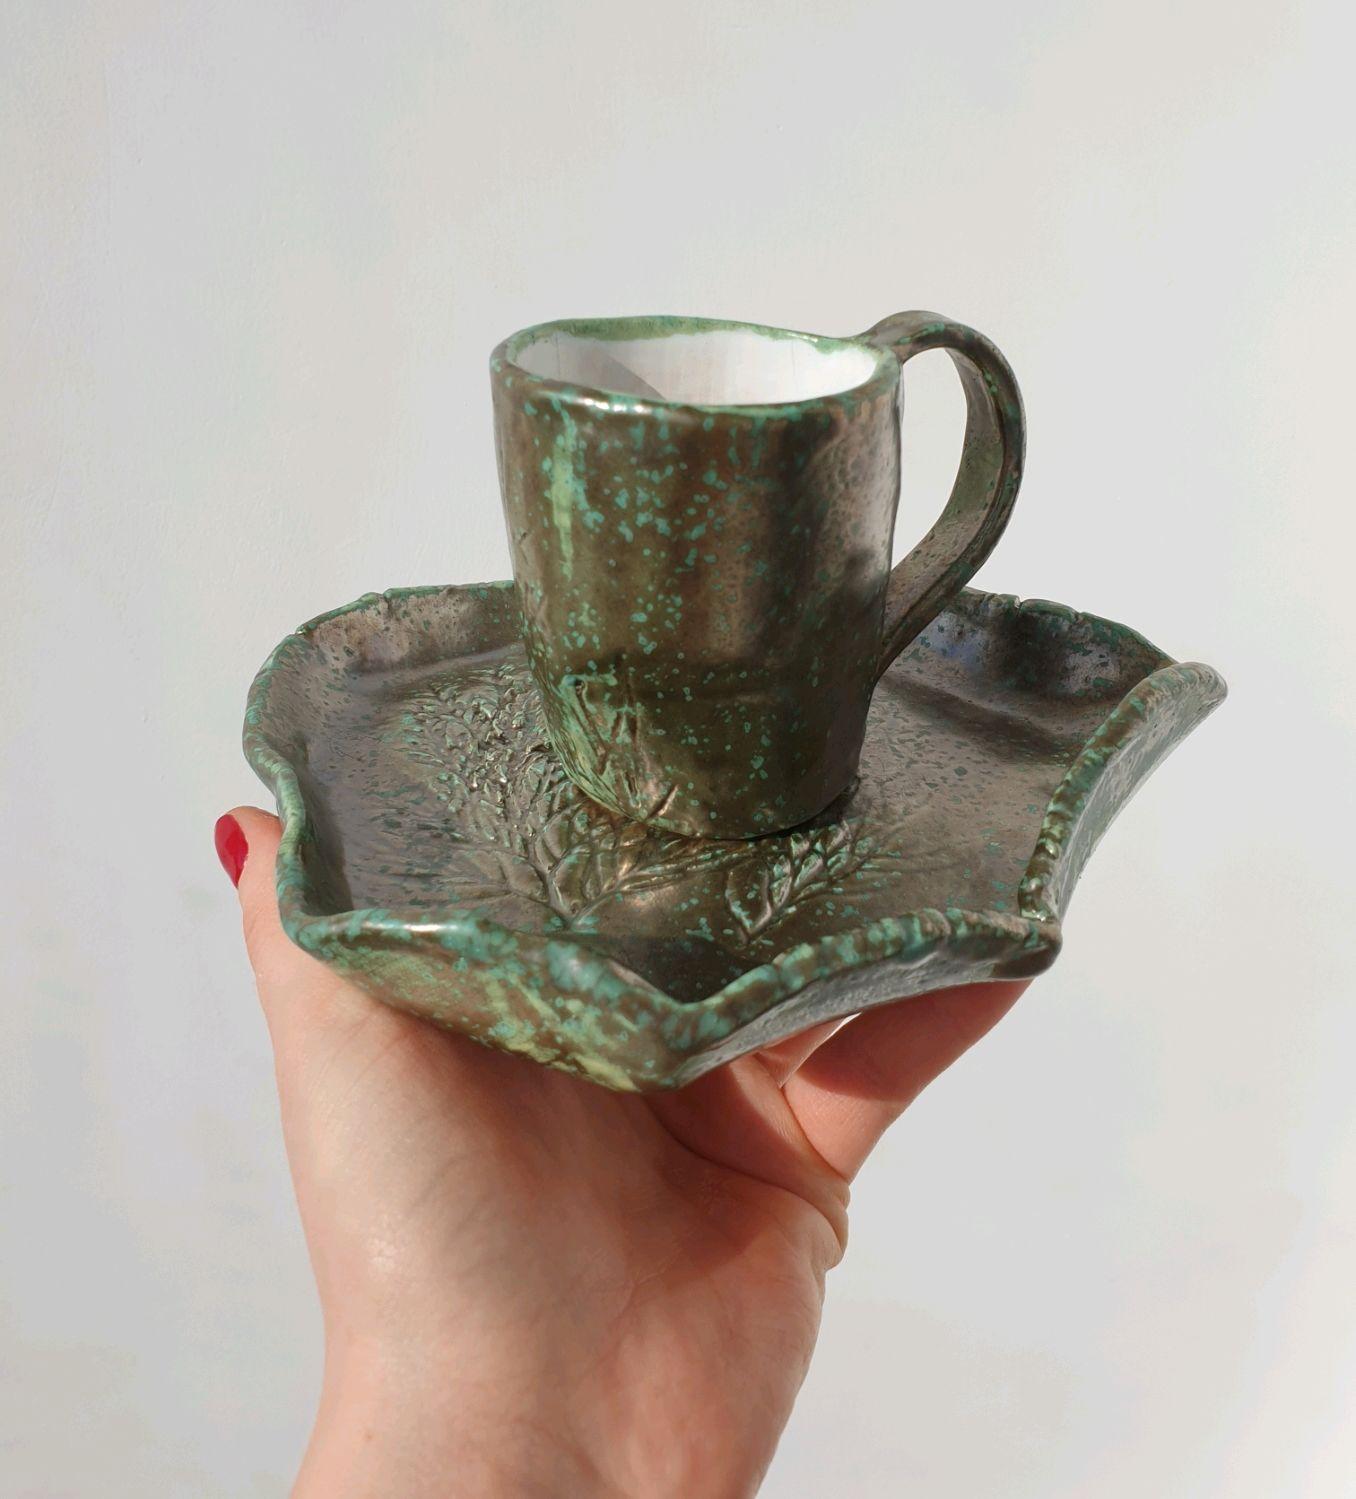 Кружки и чашки ручной работы. Ярмарка Мастеров - ручная работа. Купить Чашка с блюдцем из керамики. Handmade. Чайный набор